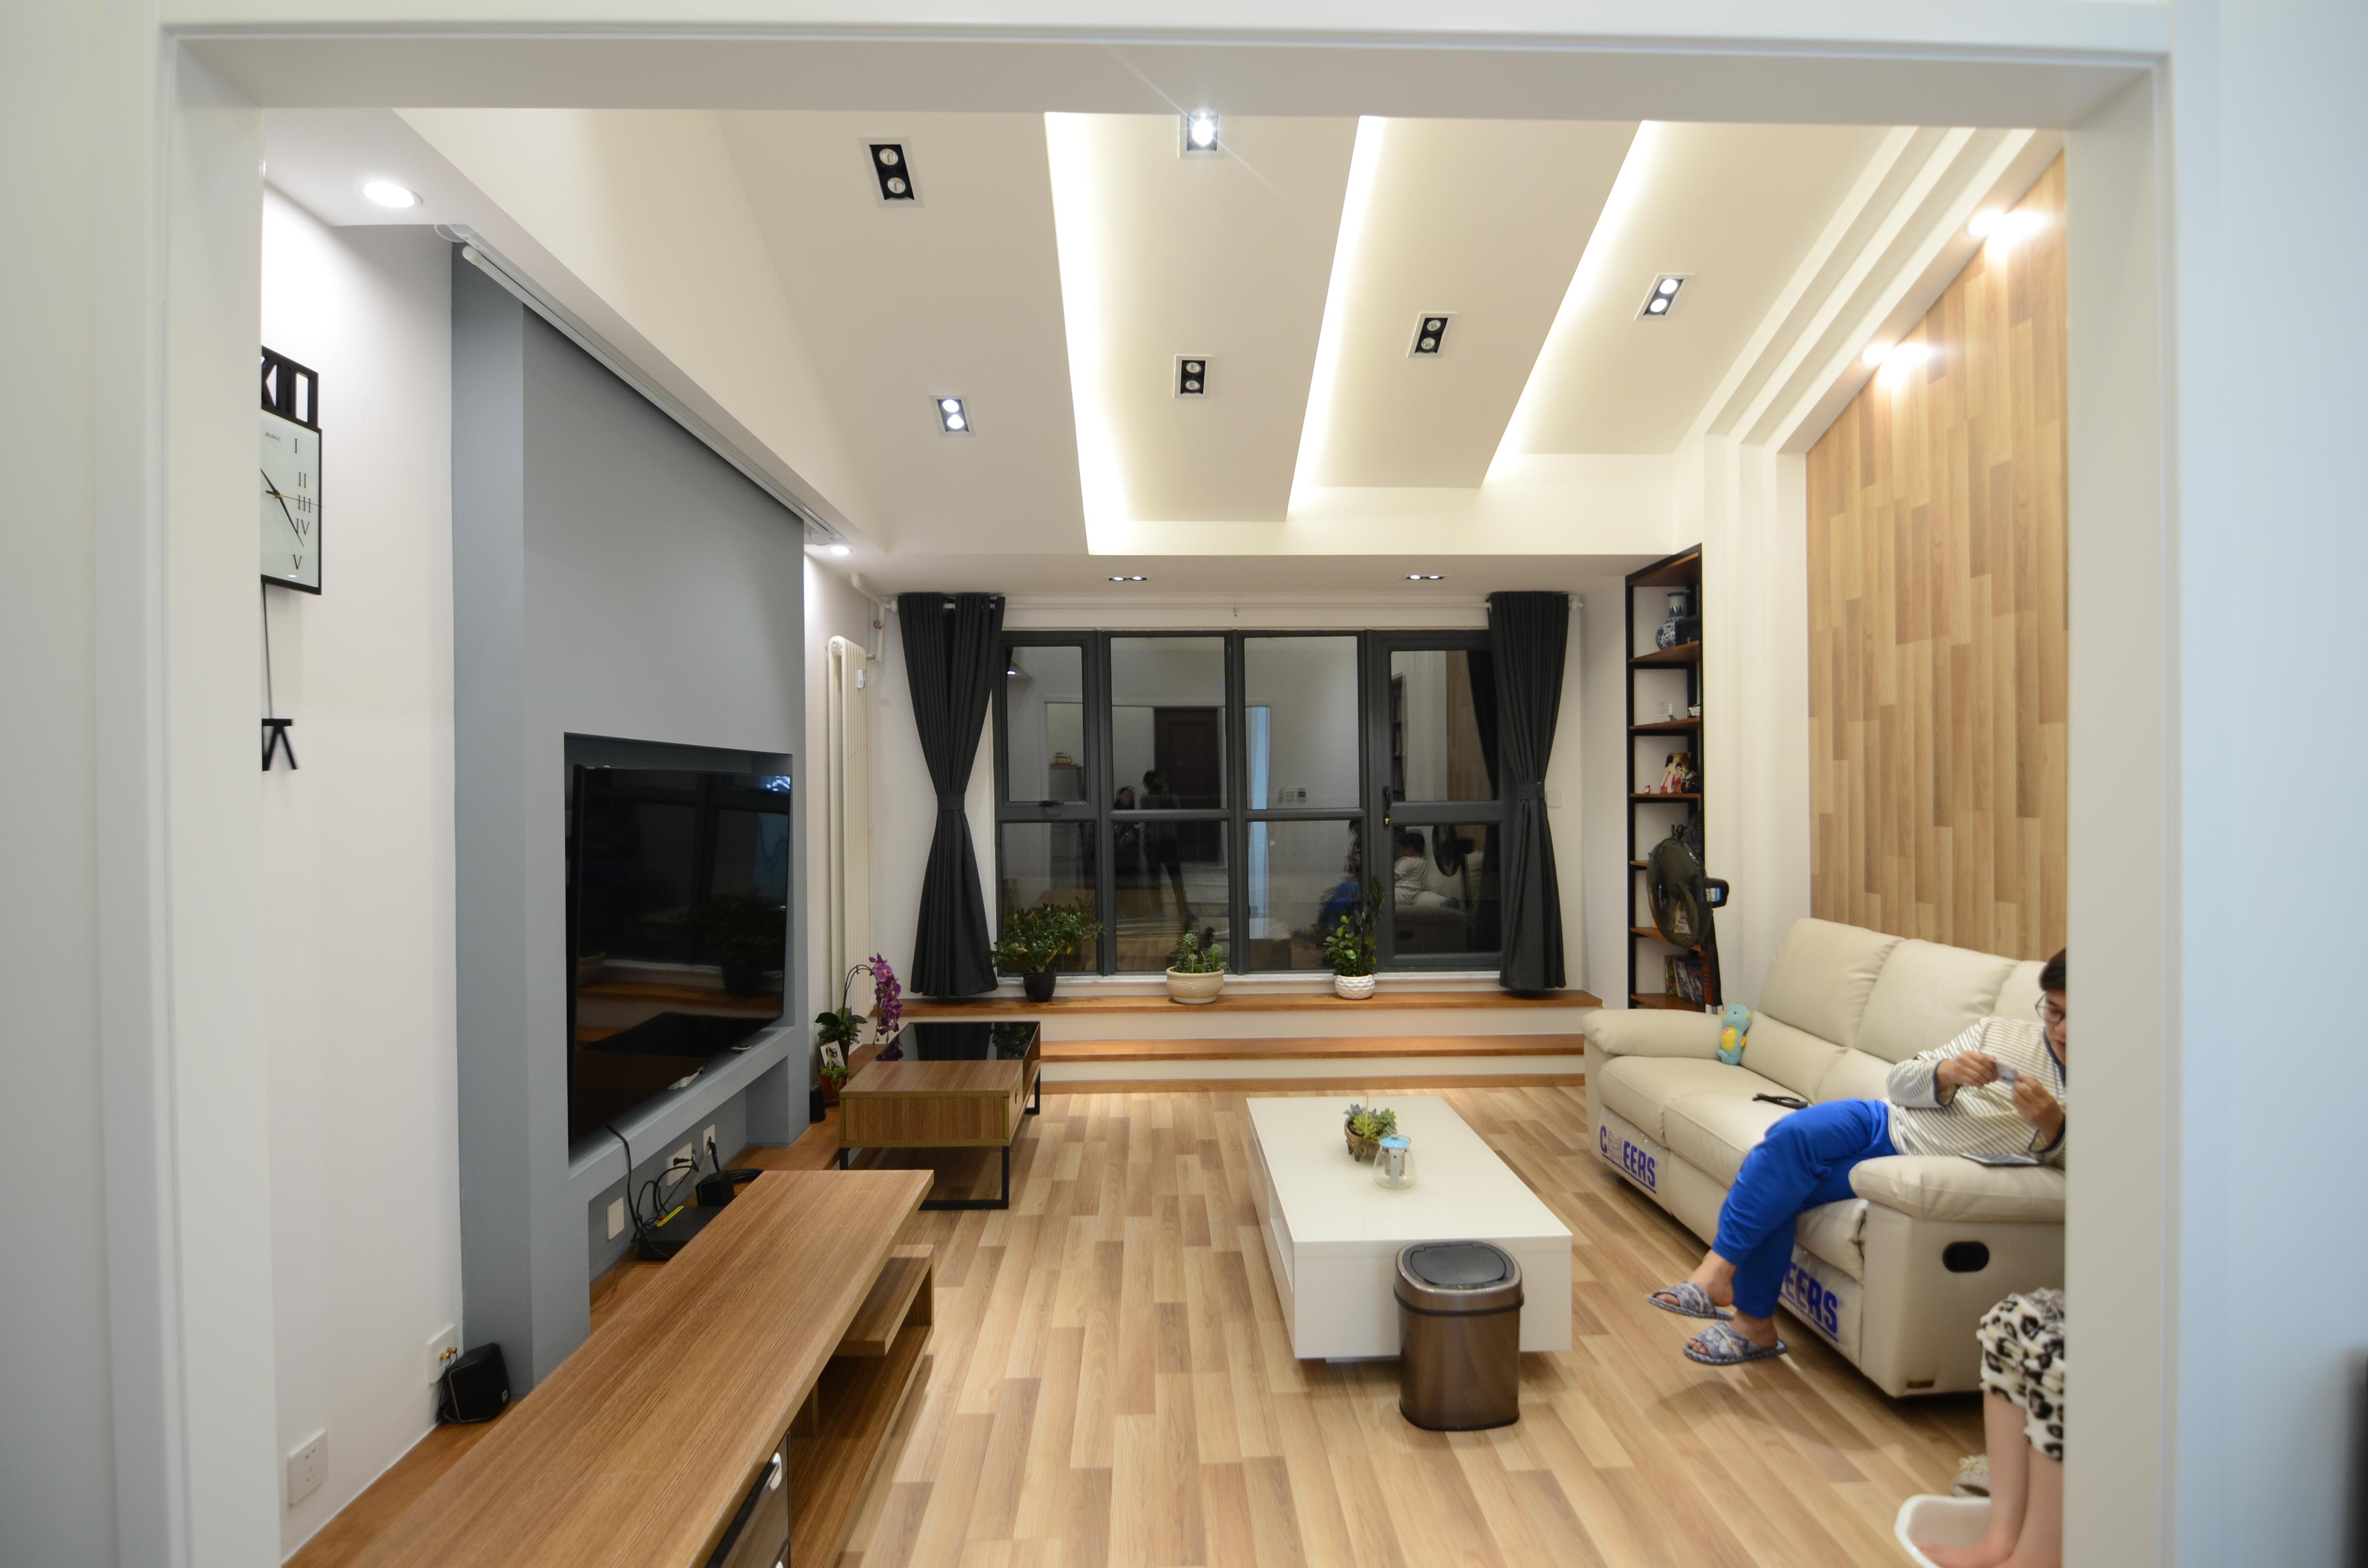 简约 混搭 别墅 白领 80后 小资 收纳 客厅图片来自圣奇凯尚室内设计图片